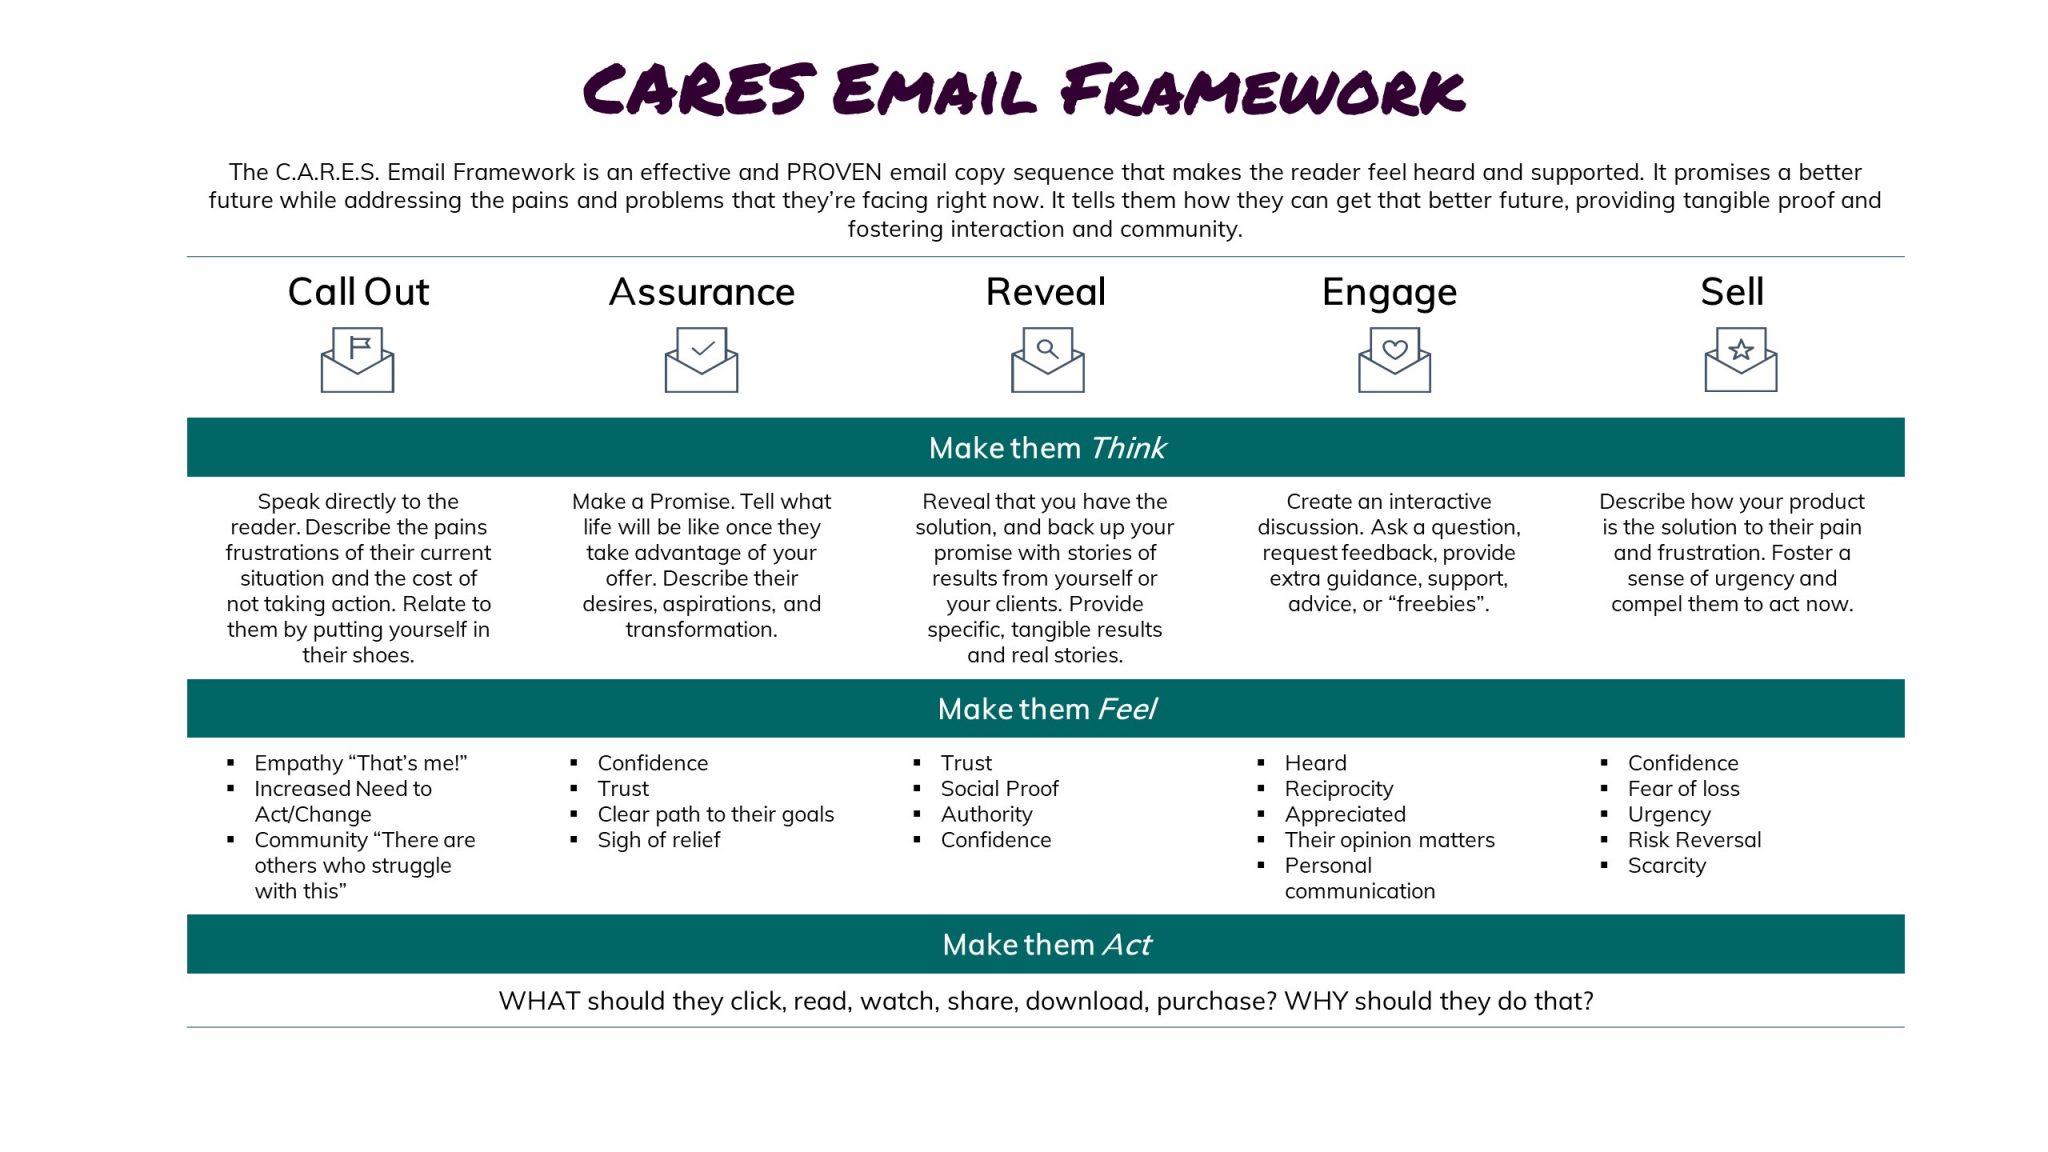 C.A.R.E.S. Email Framework